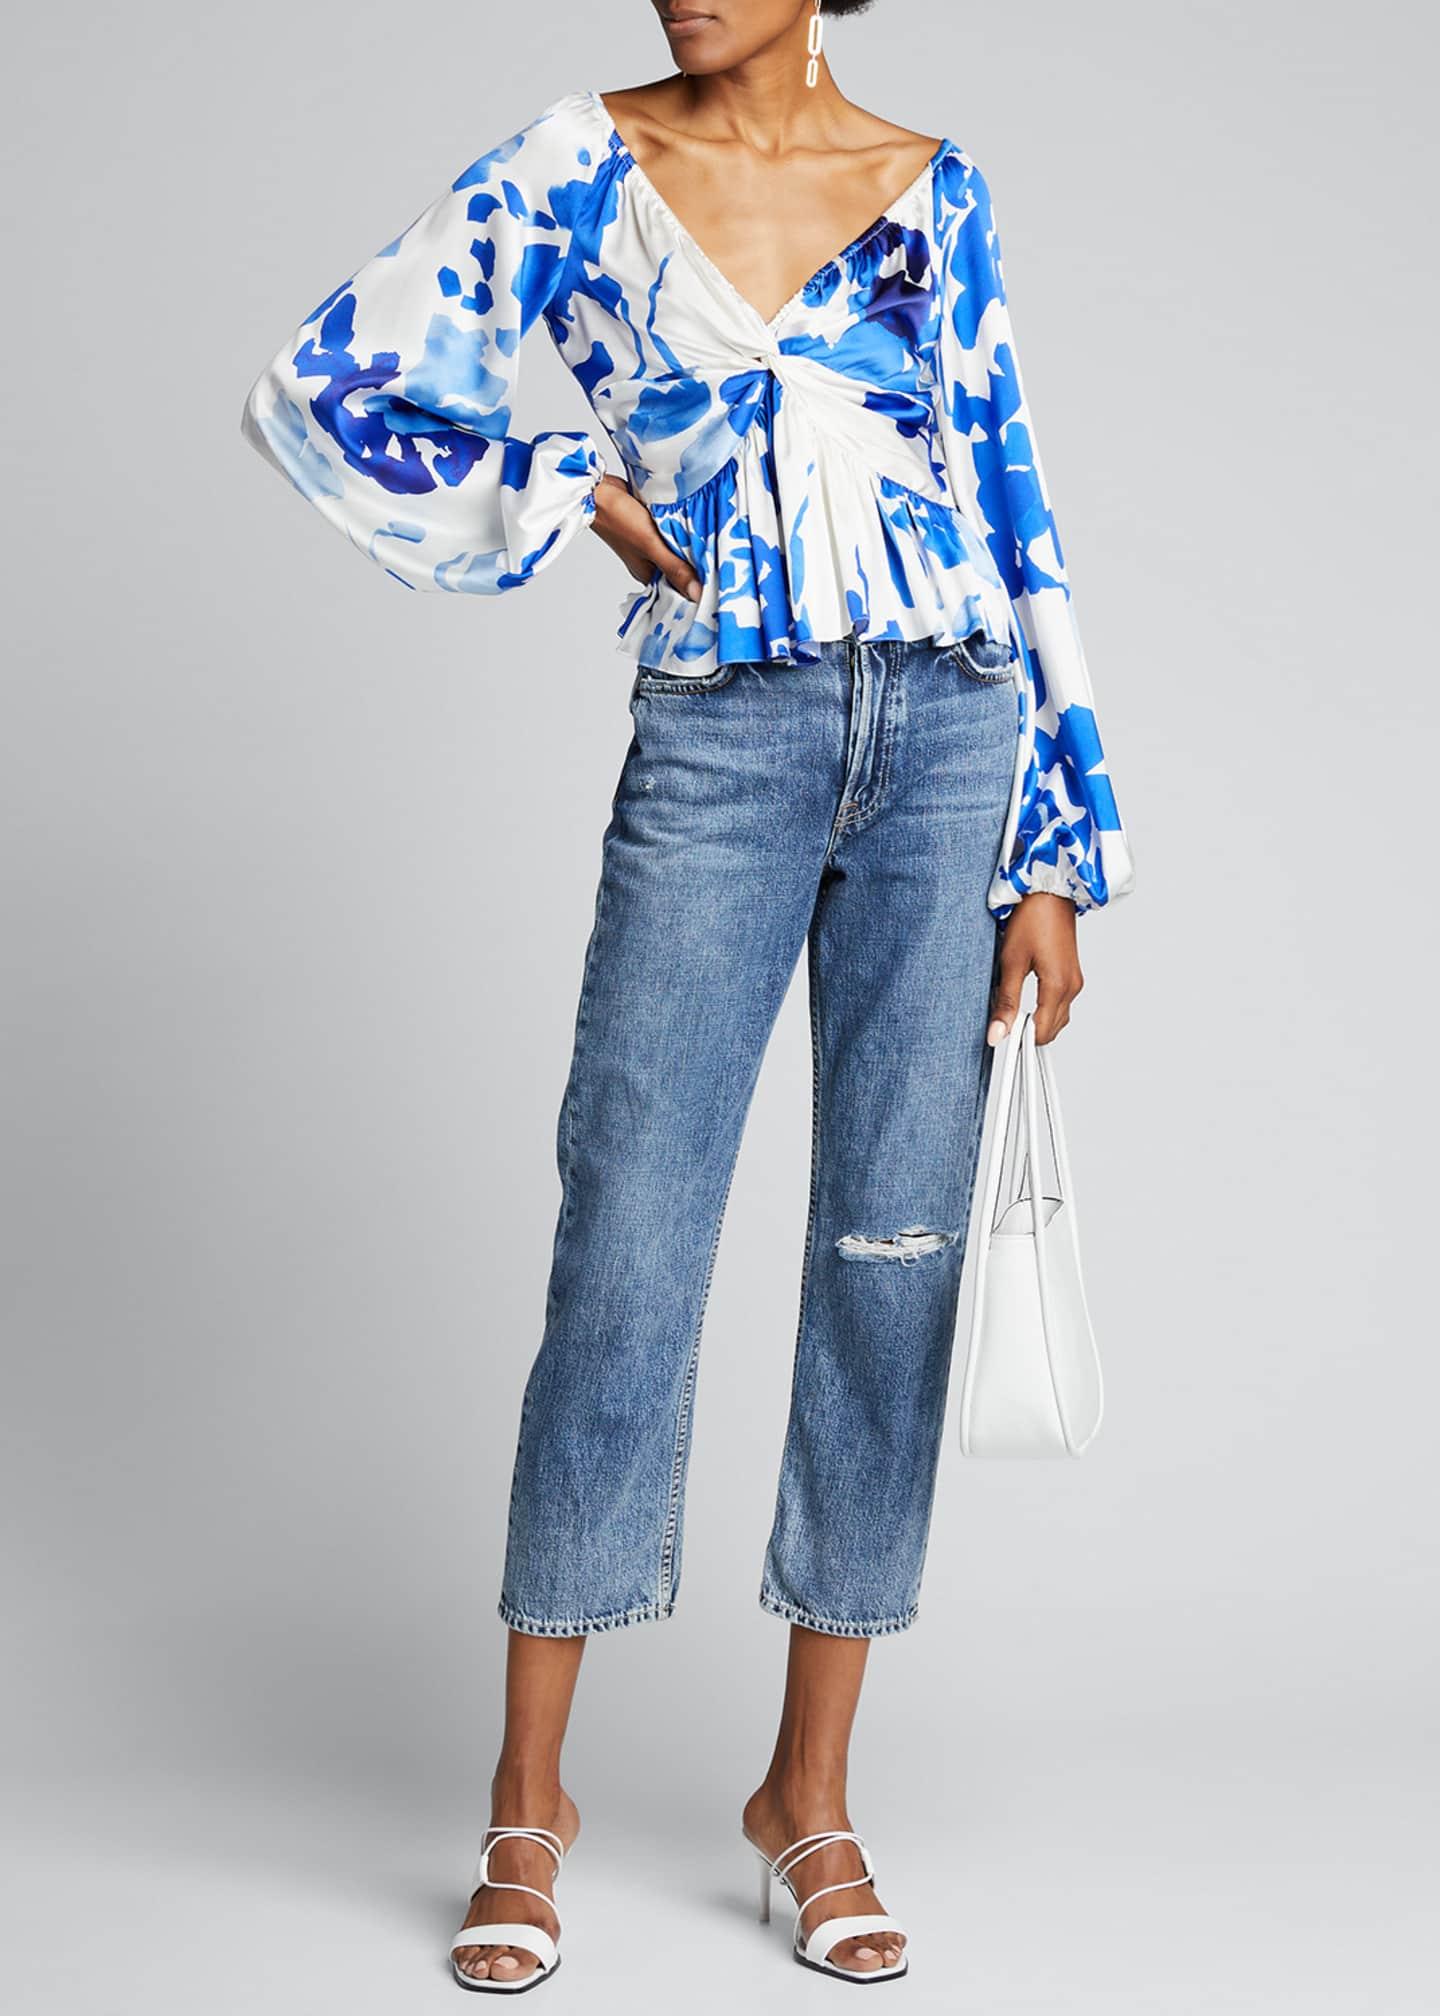 Caroline Constas Onira Blouson-Sleeve Top